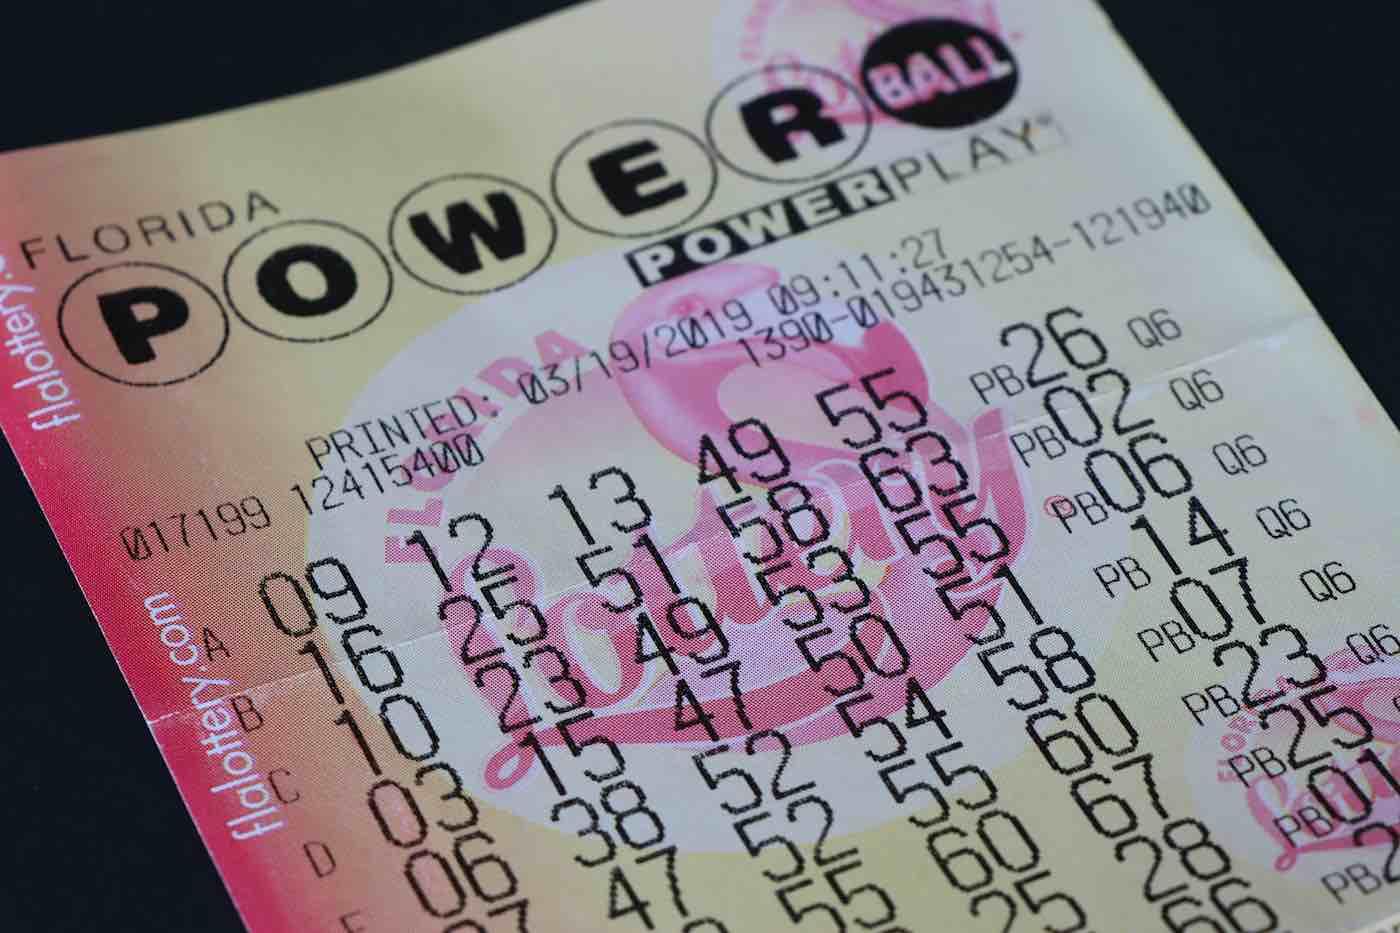 Un solo boleto vendido en Florida ganó los 238 millones de dólares de la lotería Powerball